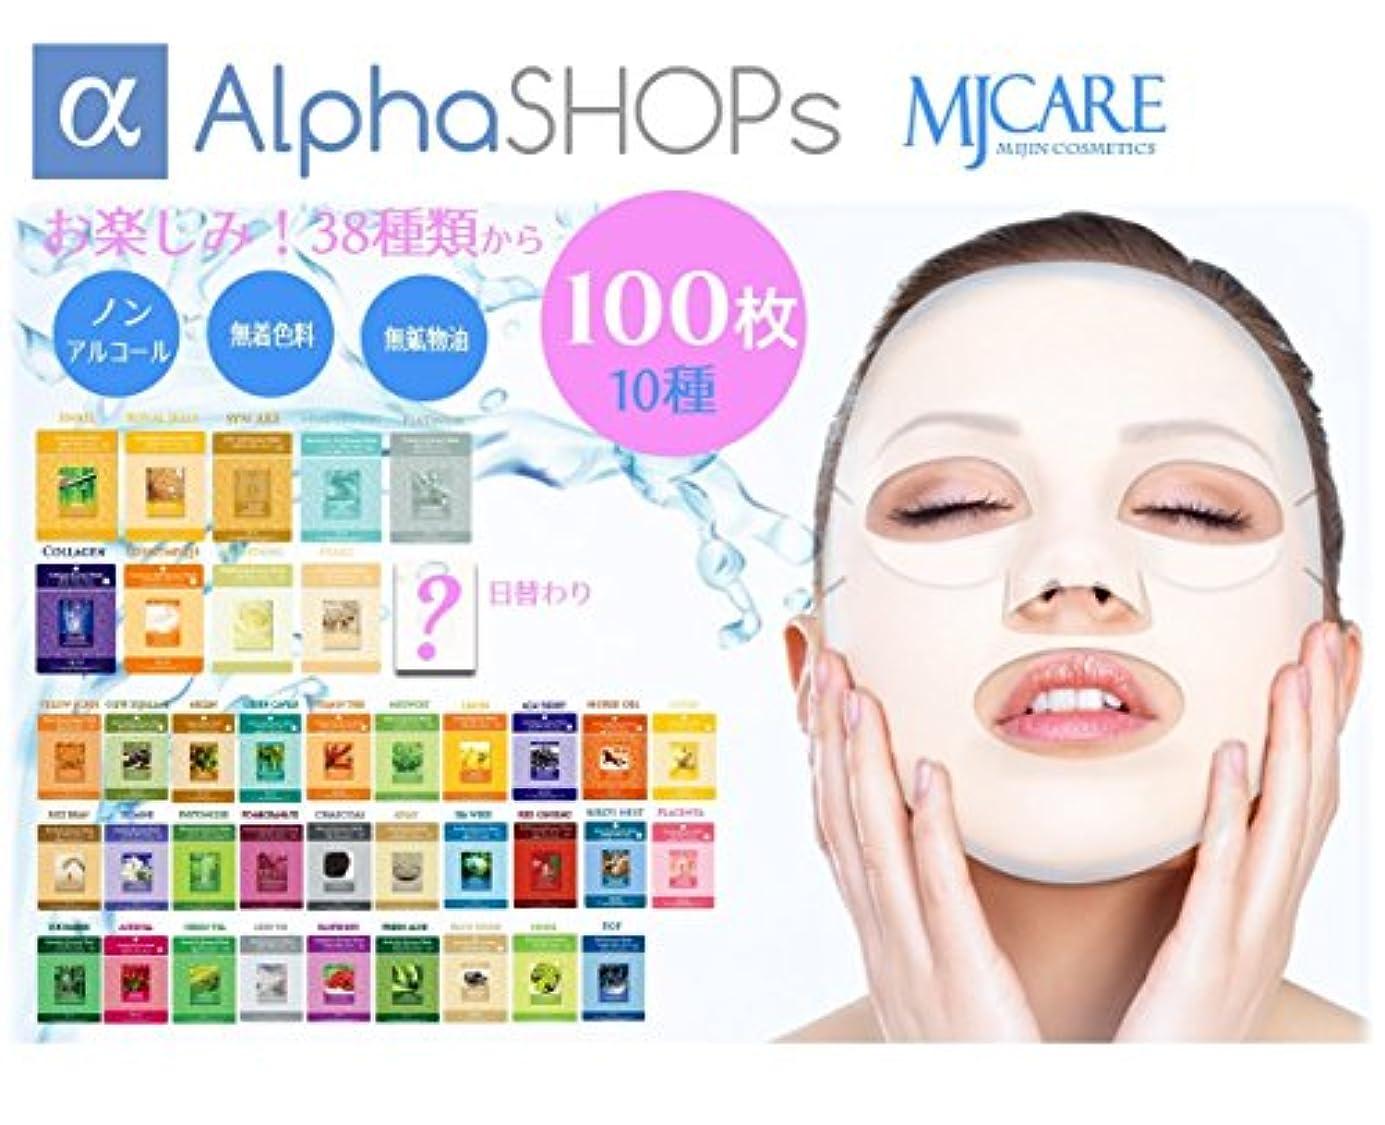 困惑する解釈言い換えるとシートマスクパック(100枚) 【MIJINマスク】韓国コスメ 売上No.1 MJ Care?美人【なりたいお肌を選べる?】